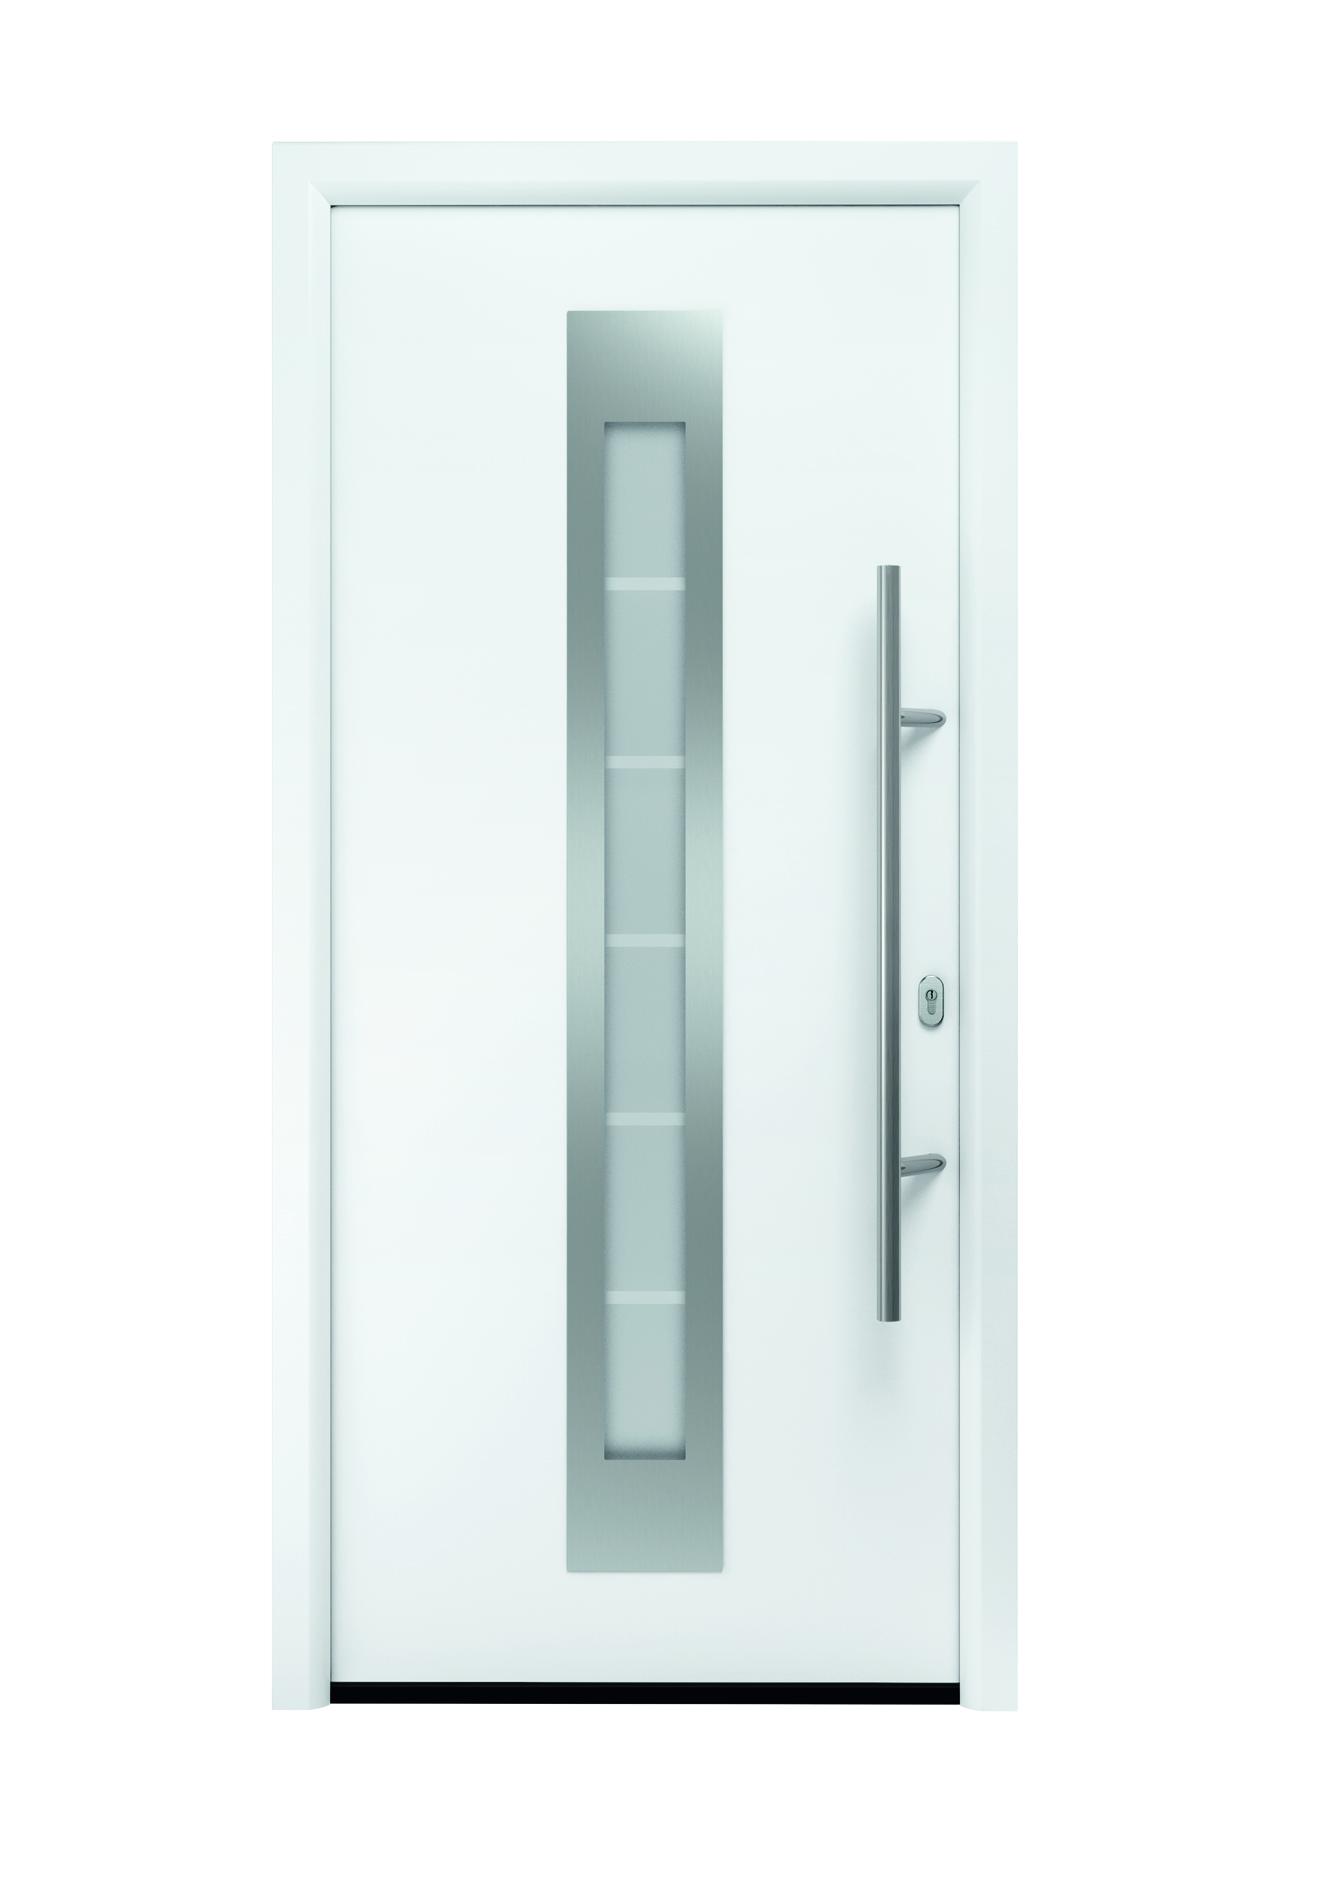 1890 #6E655D Adoordoors Steel Front Doors Adoordoors wallpaper Front Doors Steel 44251336